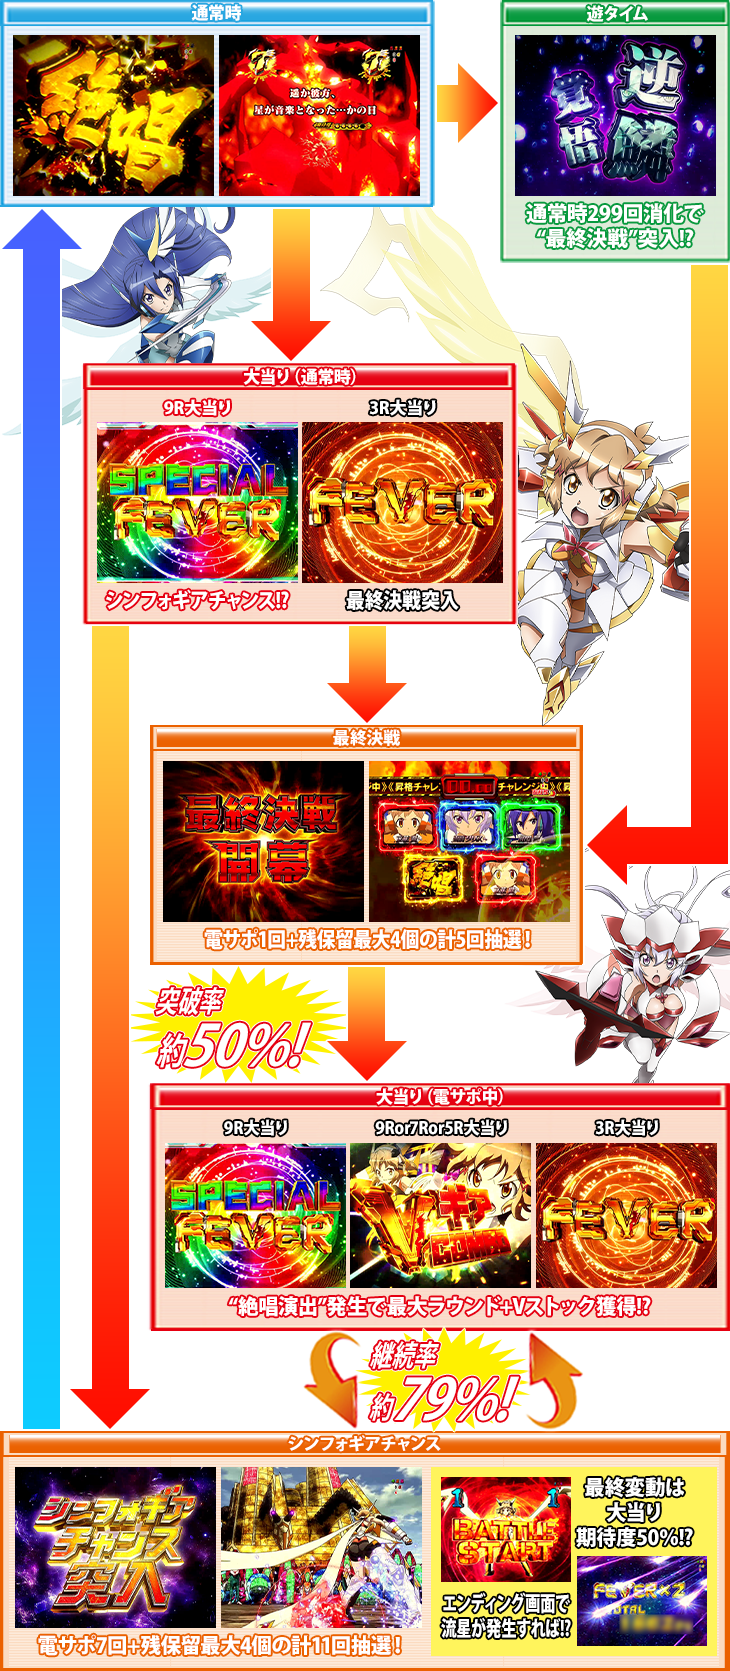 パチンコPフィーバー戦姫絶唱シンフォギア(甘デジ)のゲームフロー